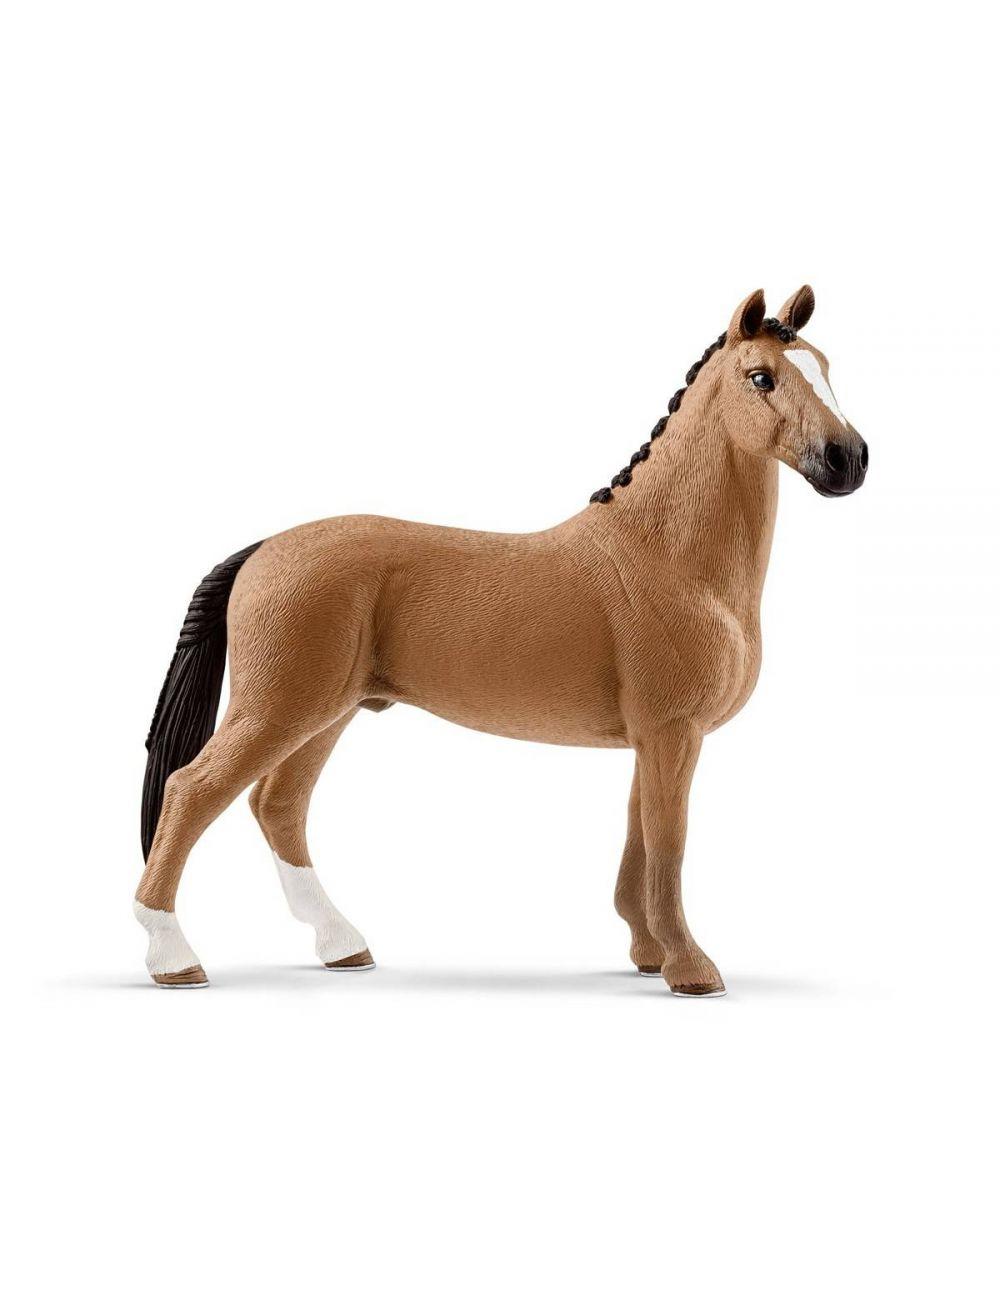 Schleich 13837 Wałach Rasy Hanover Horse Club